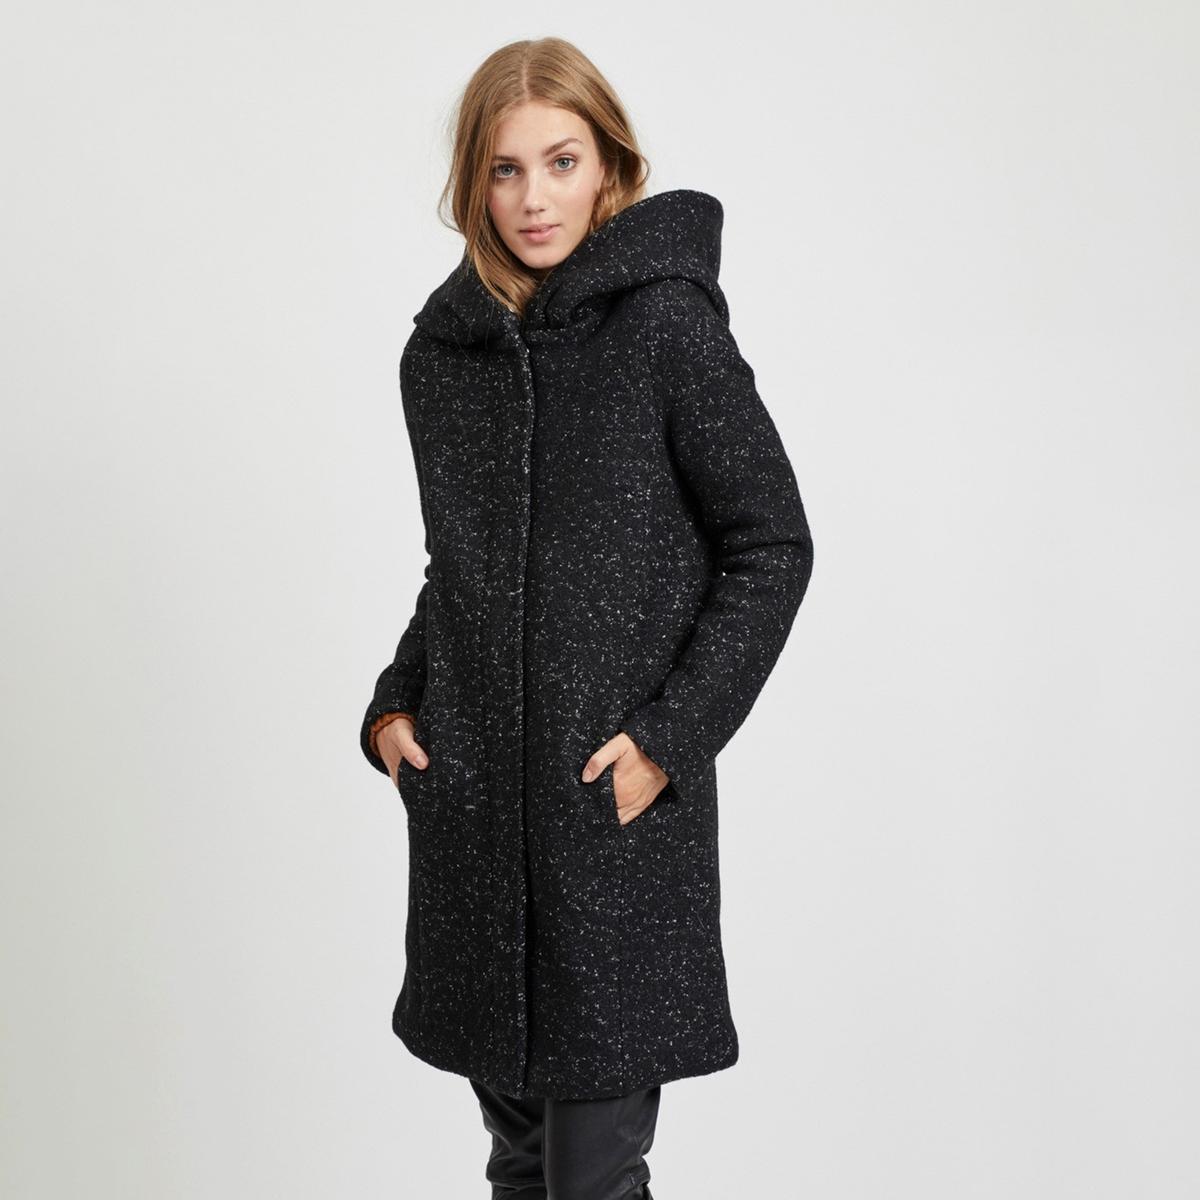 Пальто La Redoute Длинное с капюшоном 34 (FR) - 40 (RUS) черный платье la redoute длинное с цветочным рисунком и напускным эффектом 34 fr 40 rus черный